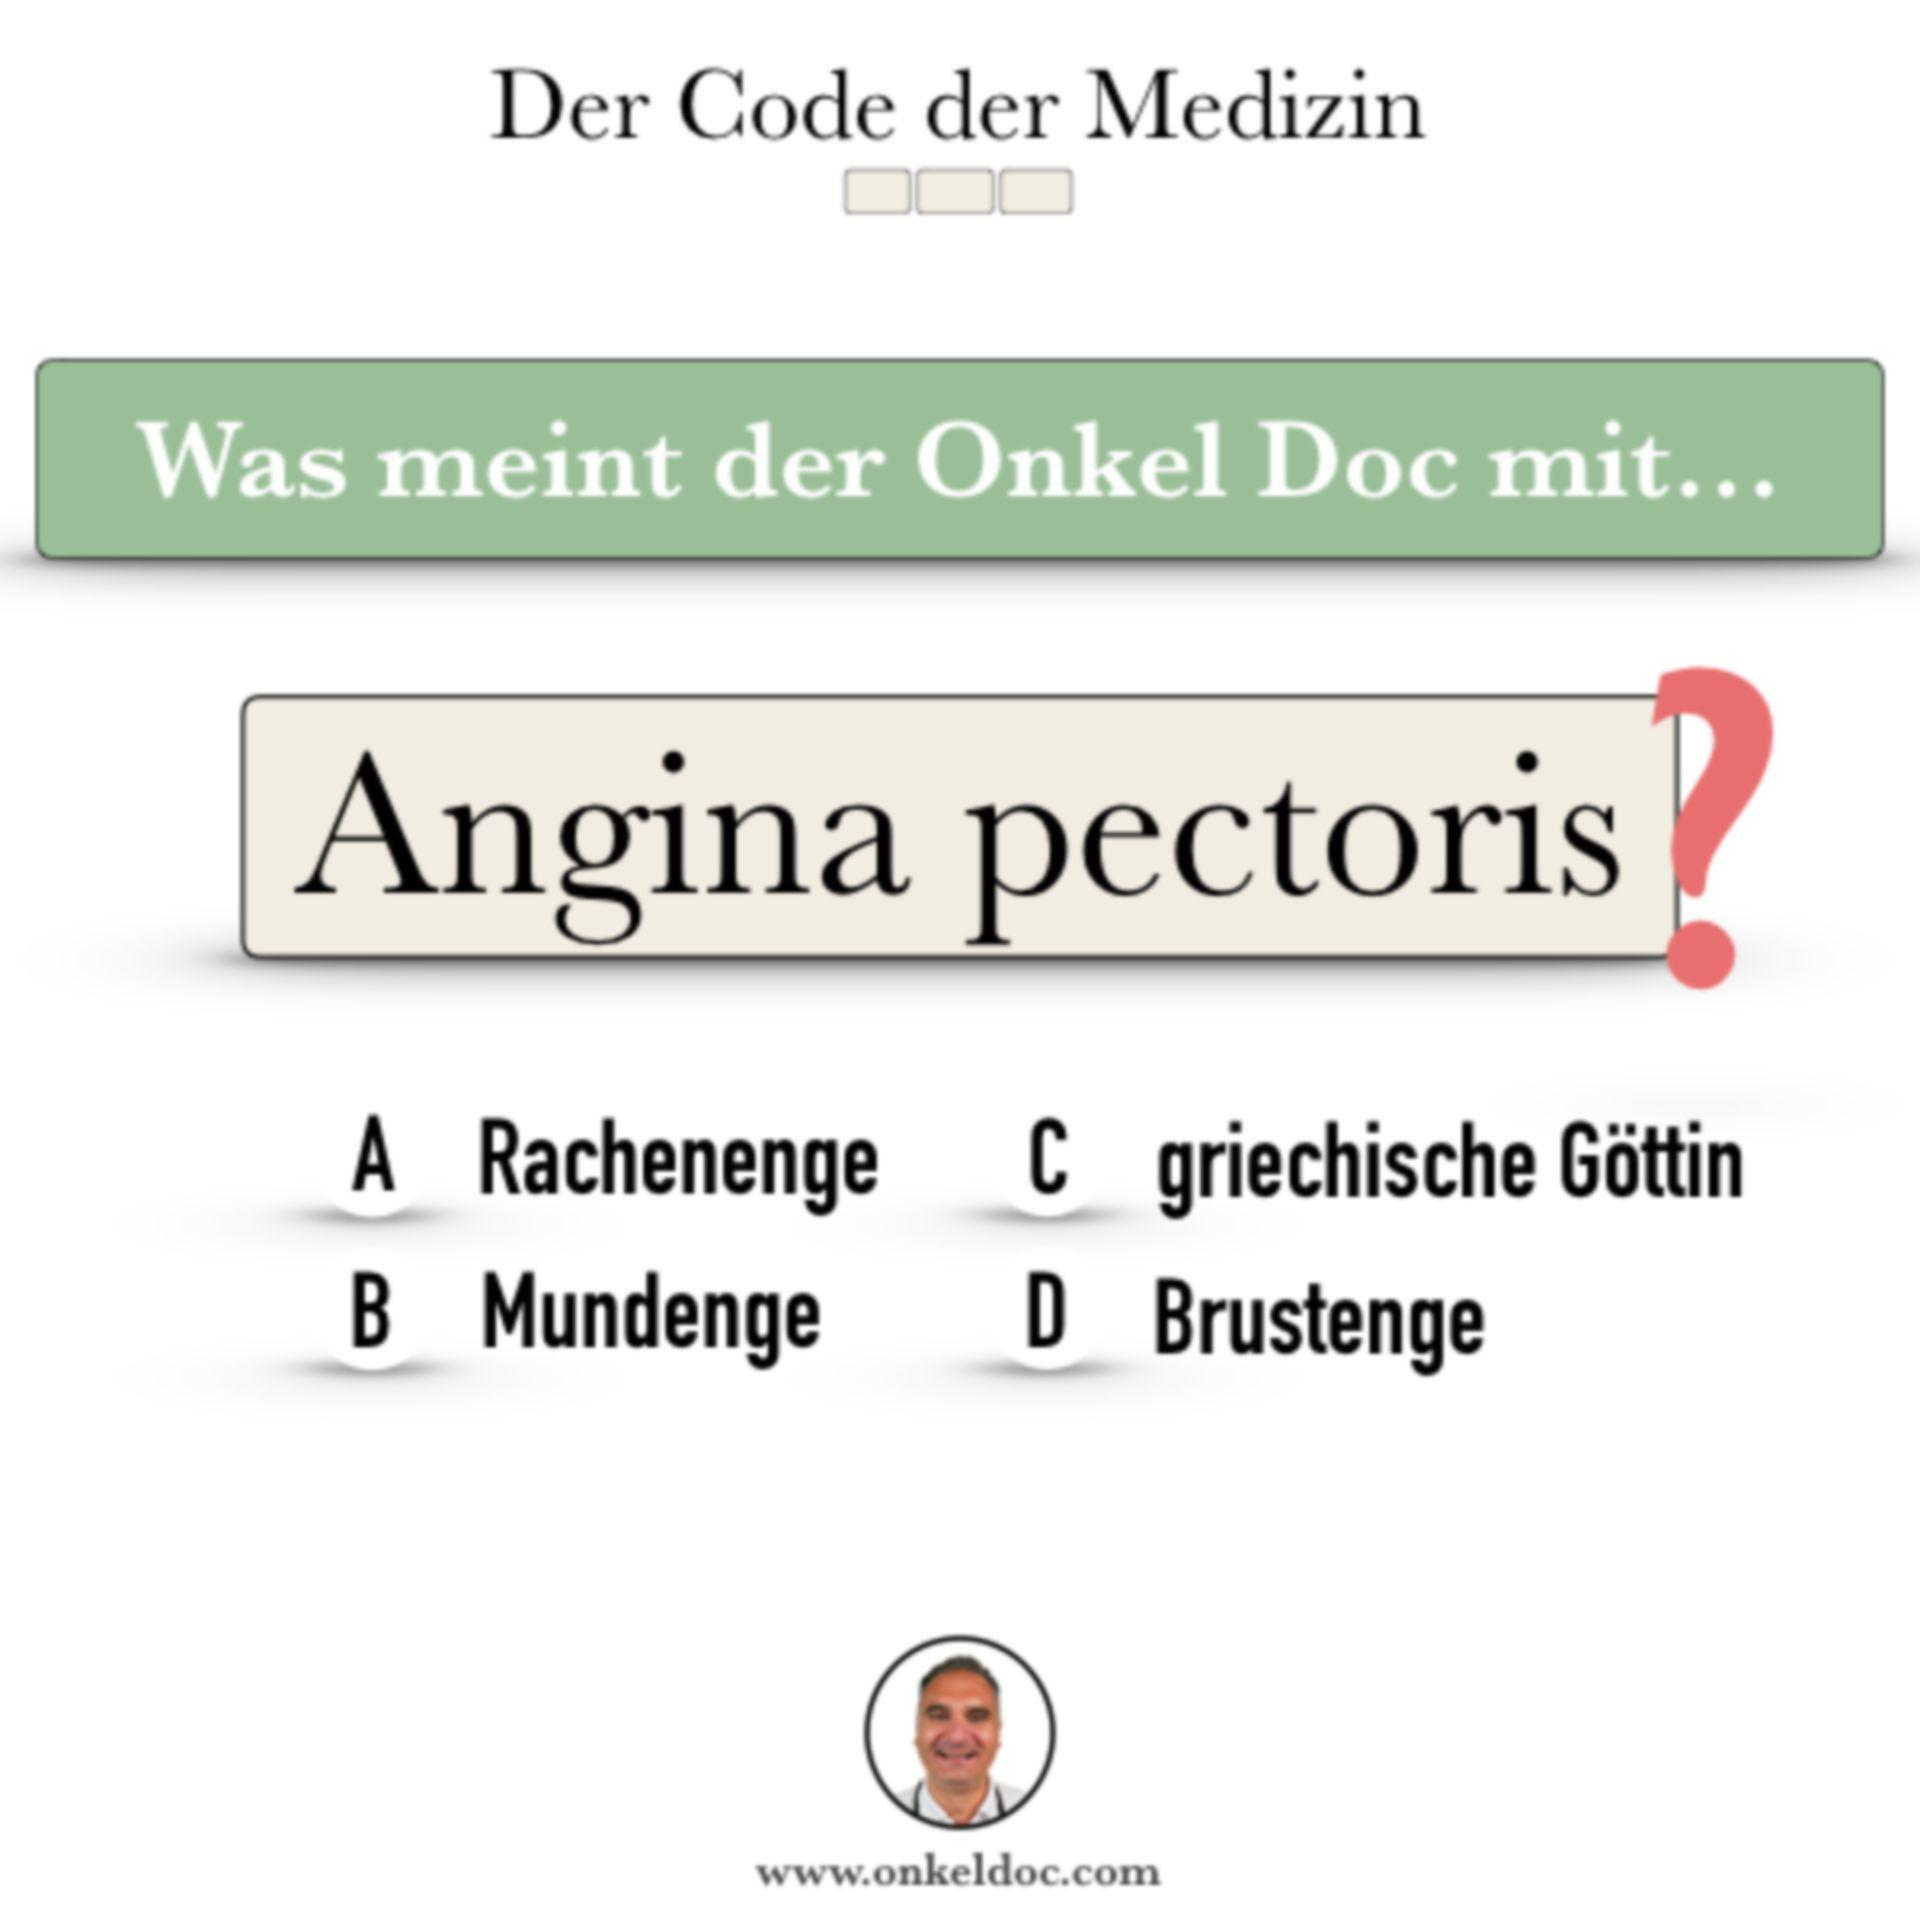 Frage zum Code der Angina pectoris